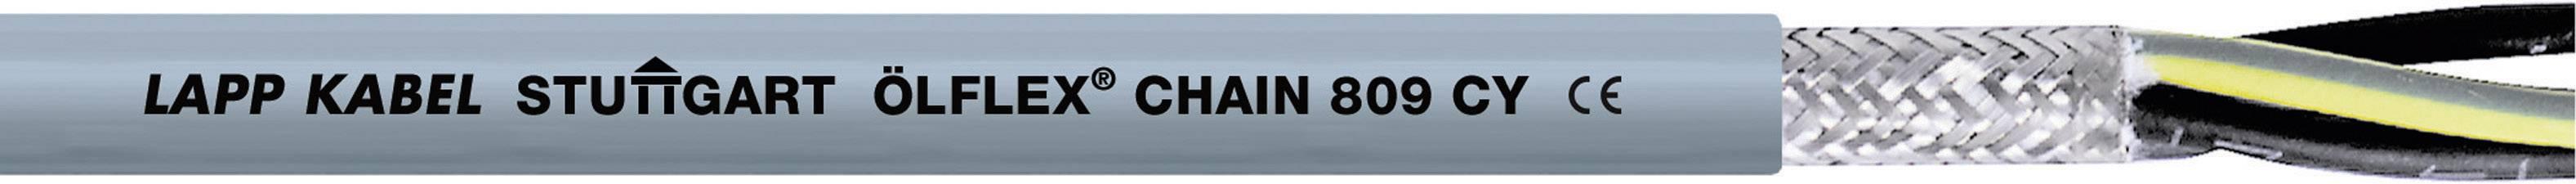 Žíla kabelu LappKabel ÖLFLEX CHAIN 809 CY 5G1,5 (1026778), 5x 1,5 mm², PVC, Ø 9,1 mm, stíněný, 1 m, šedá